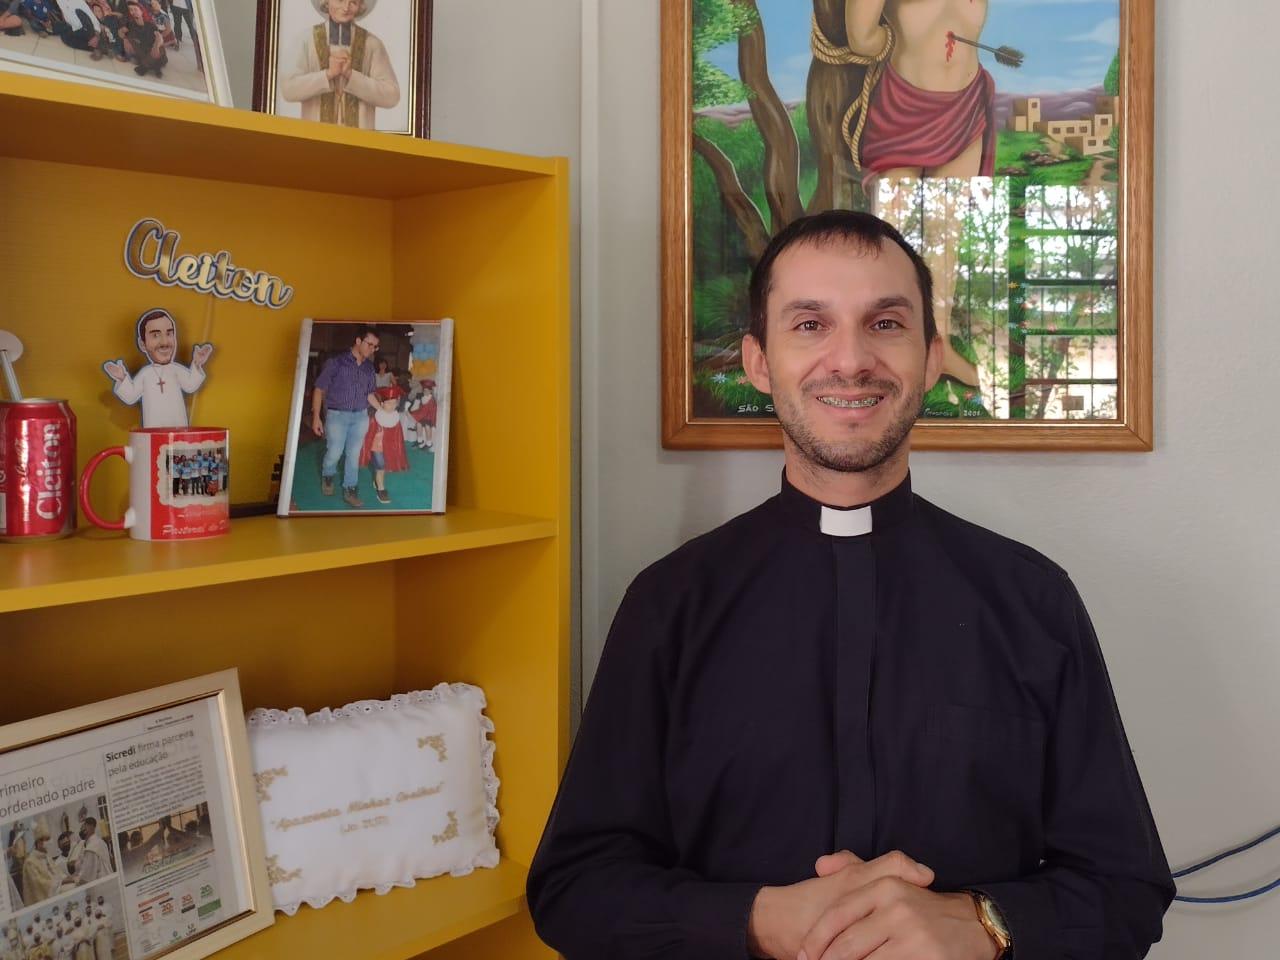 Padre Cleiton Turela Moraes assume dia 20 Paróquia São Sebastião de Campos Borges